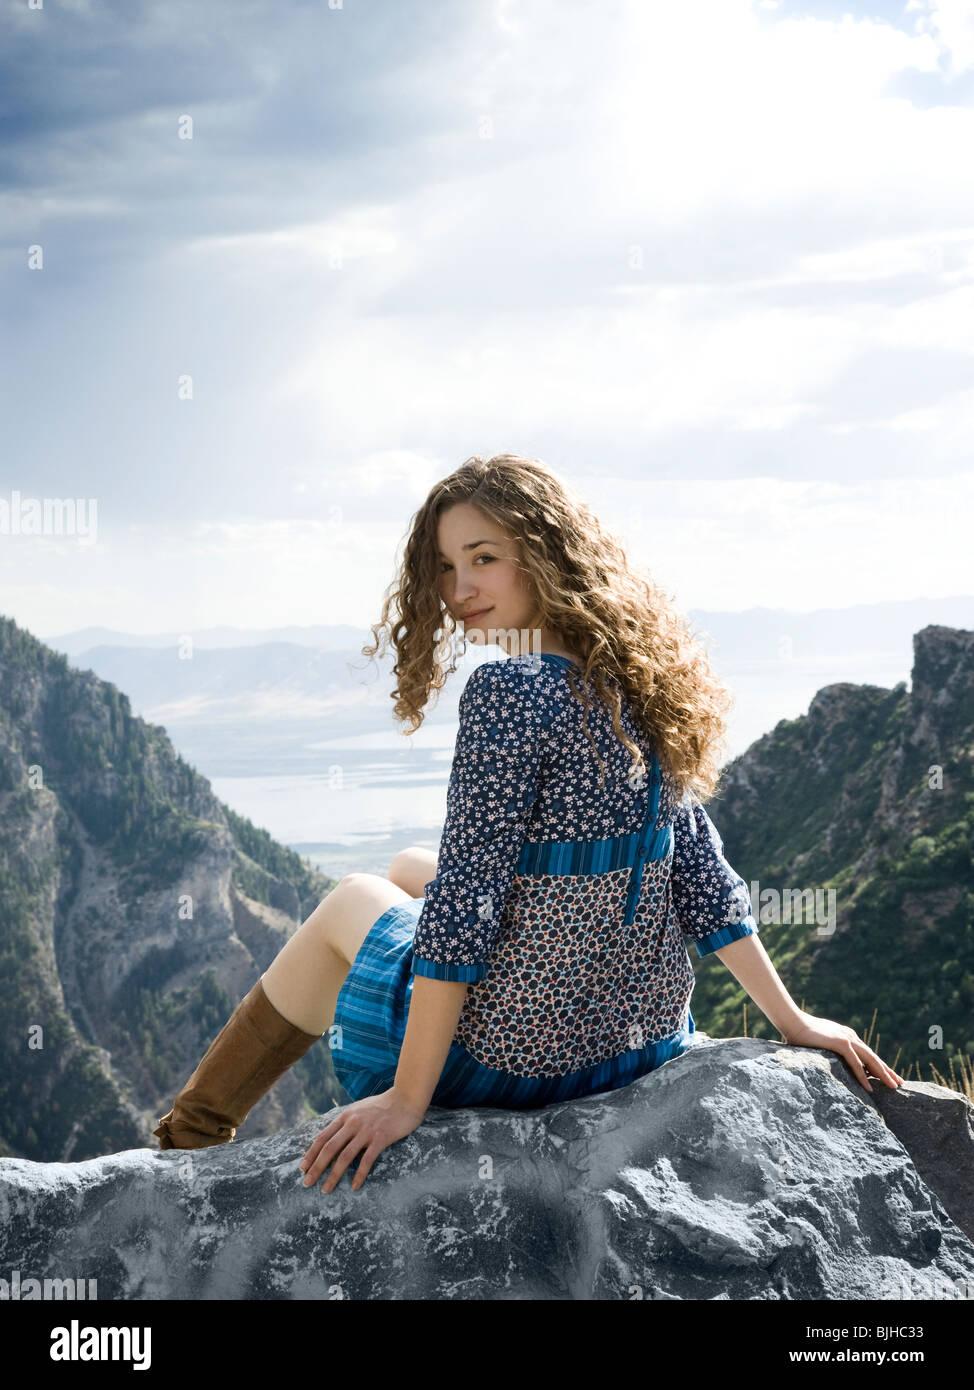 Frau in einem floralen print Kleid auf einem Berggipfel auf einem Felsen sitzen Stockbild